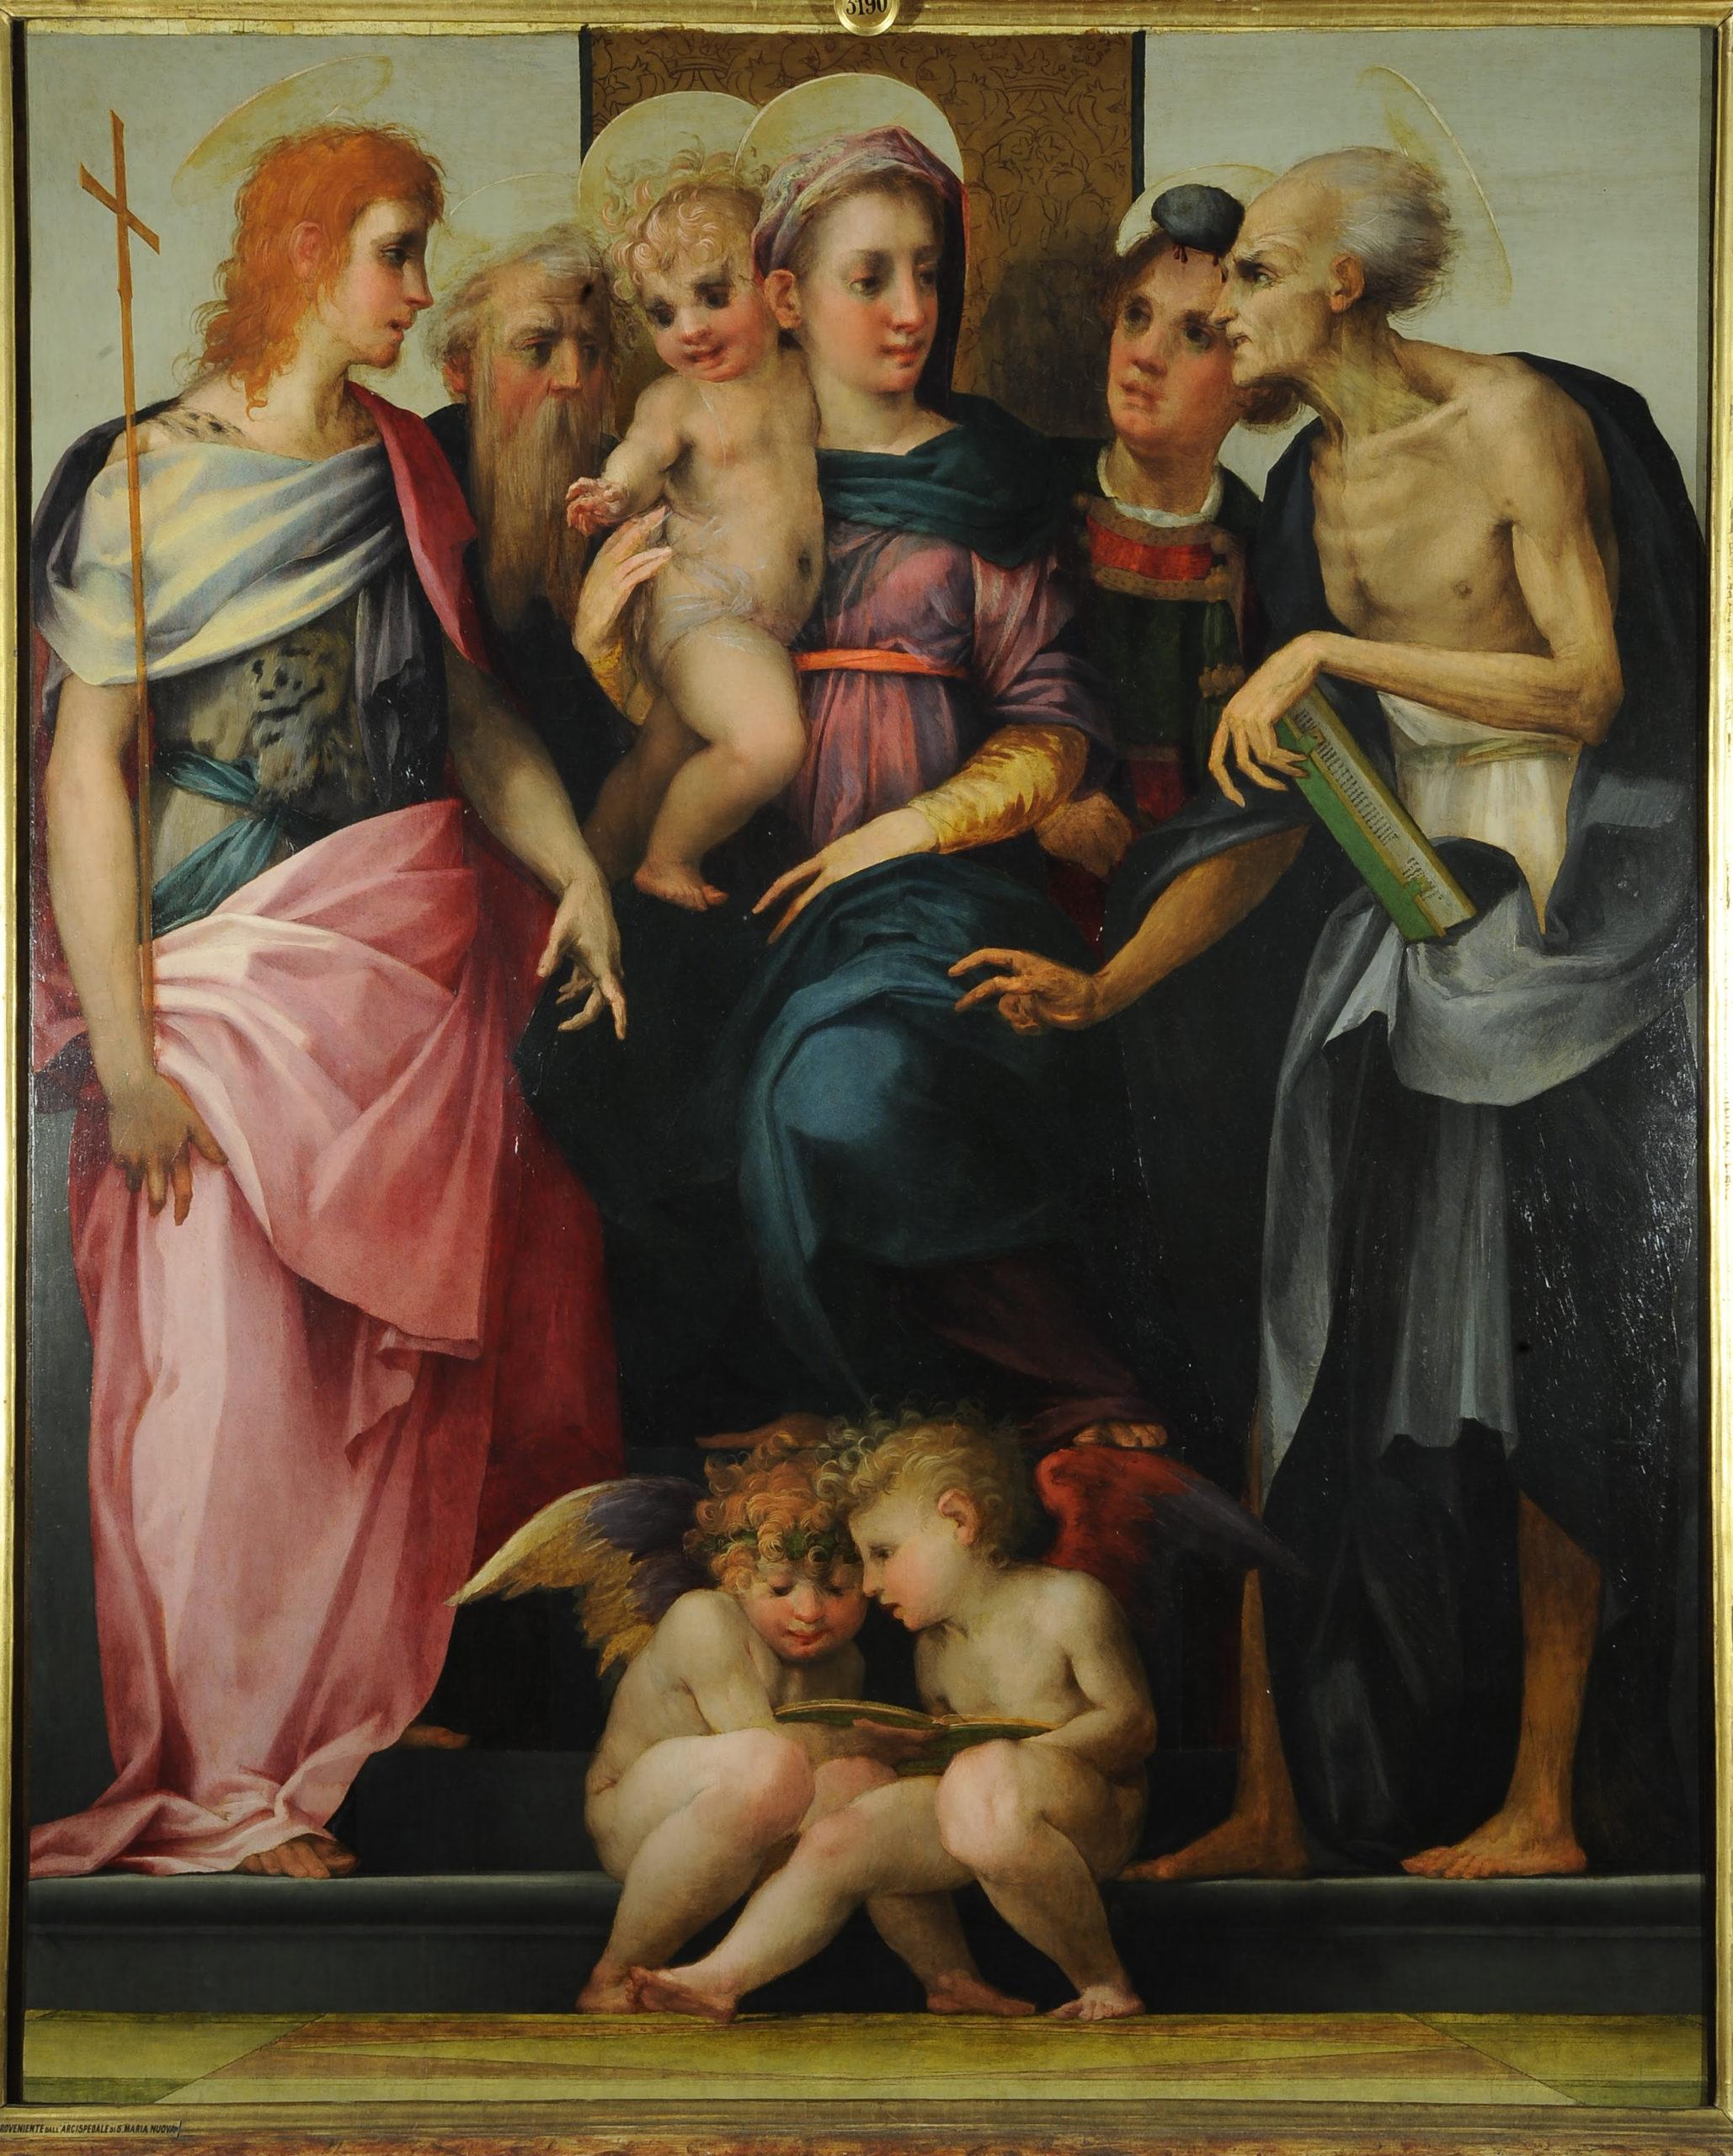 Rosso Fiorentino - Pala Spedalingo, Uffizi